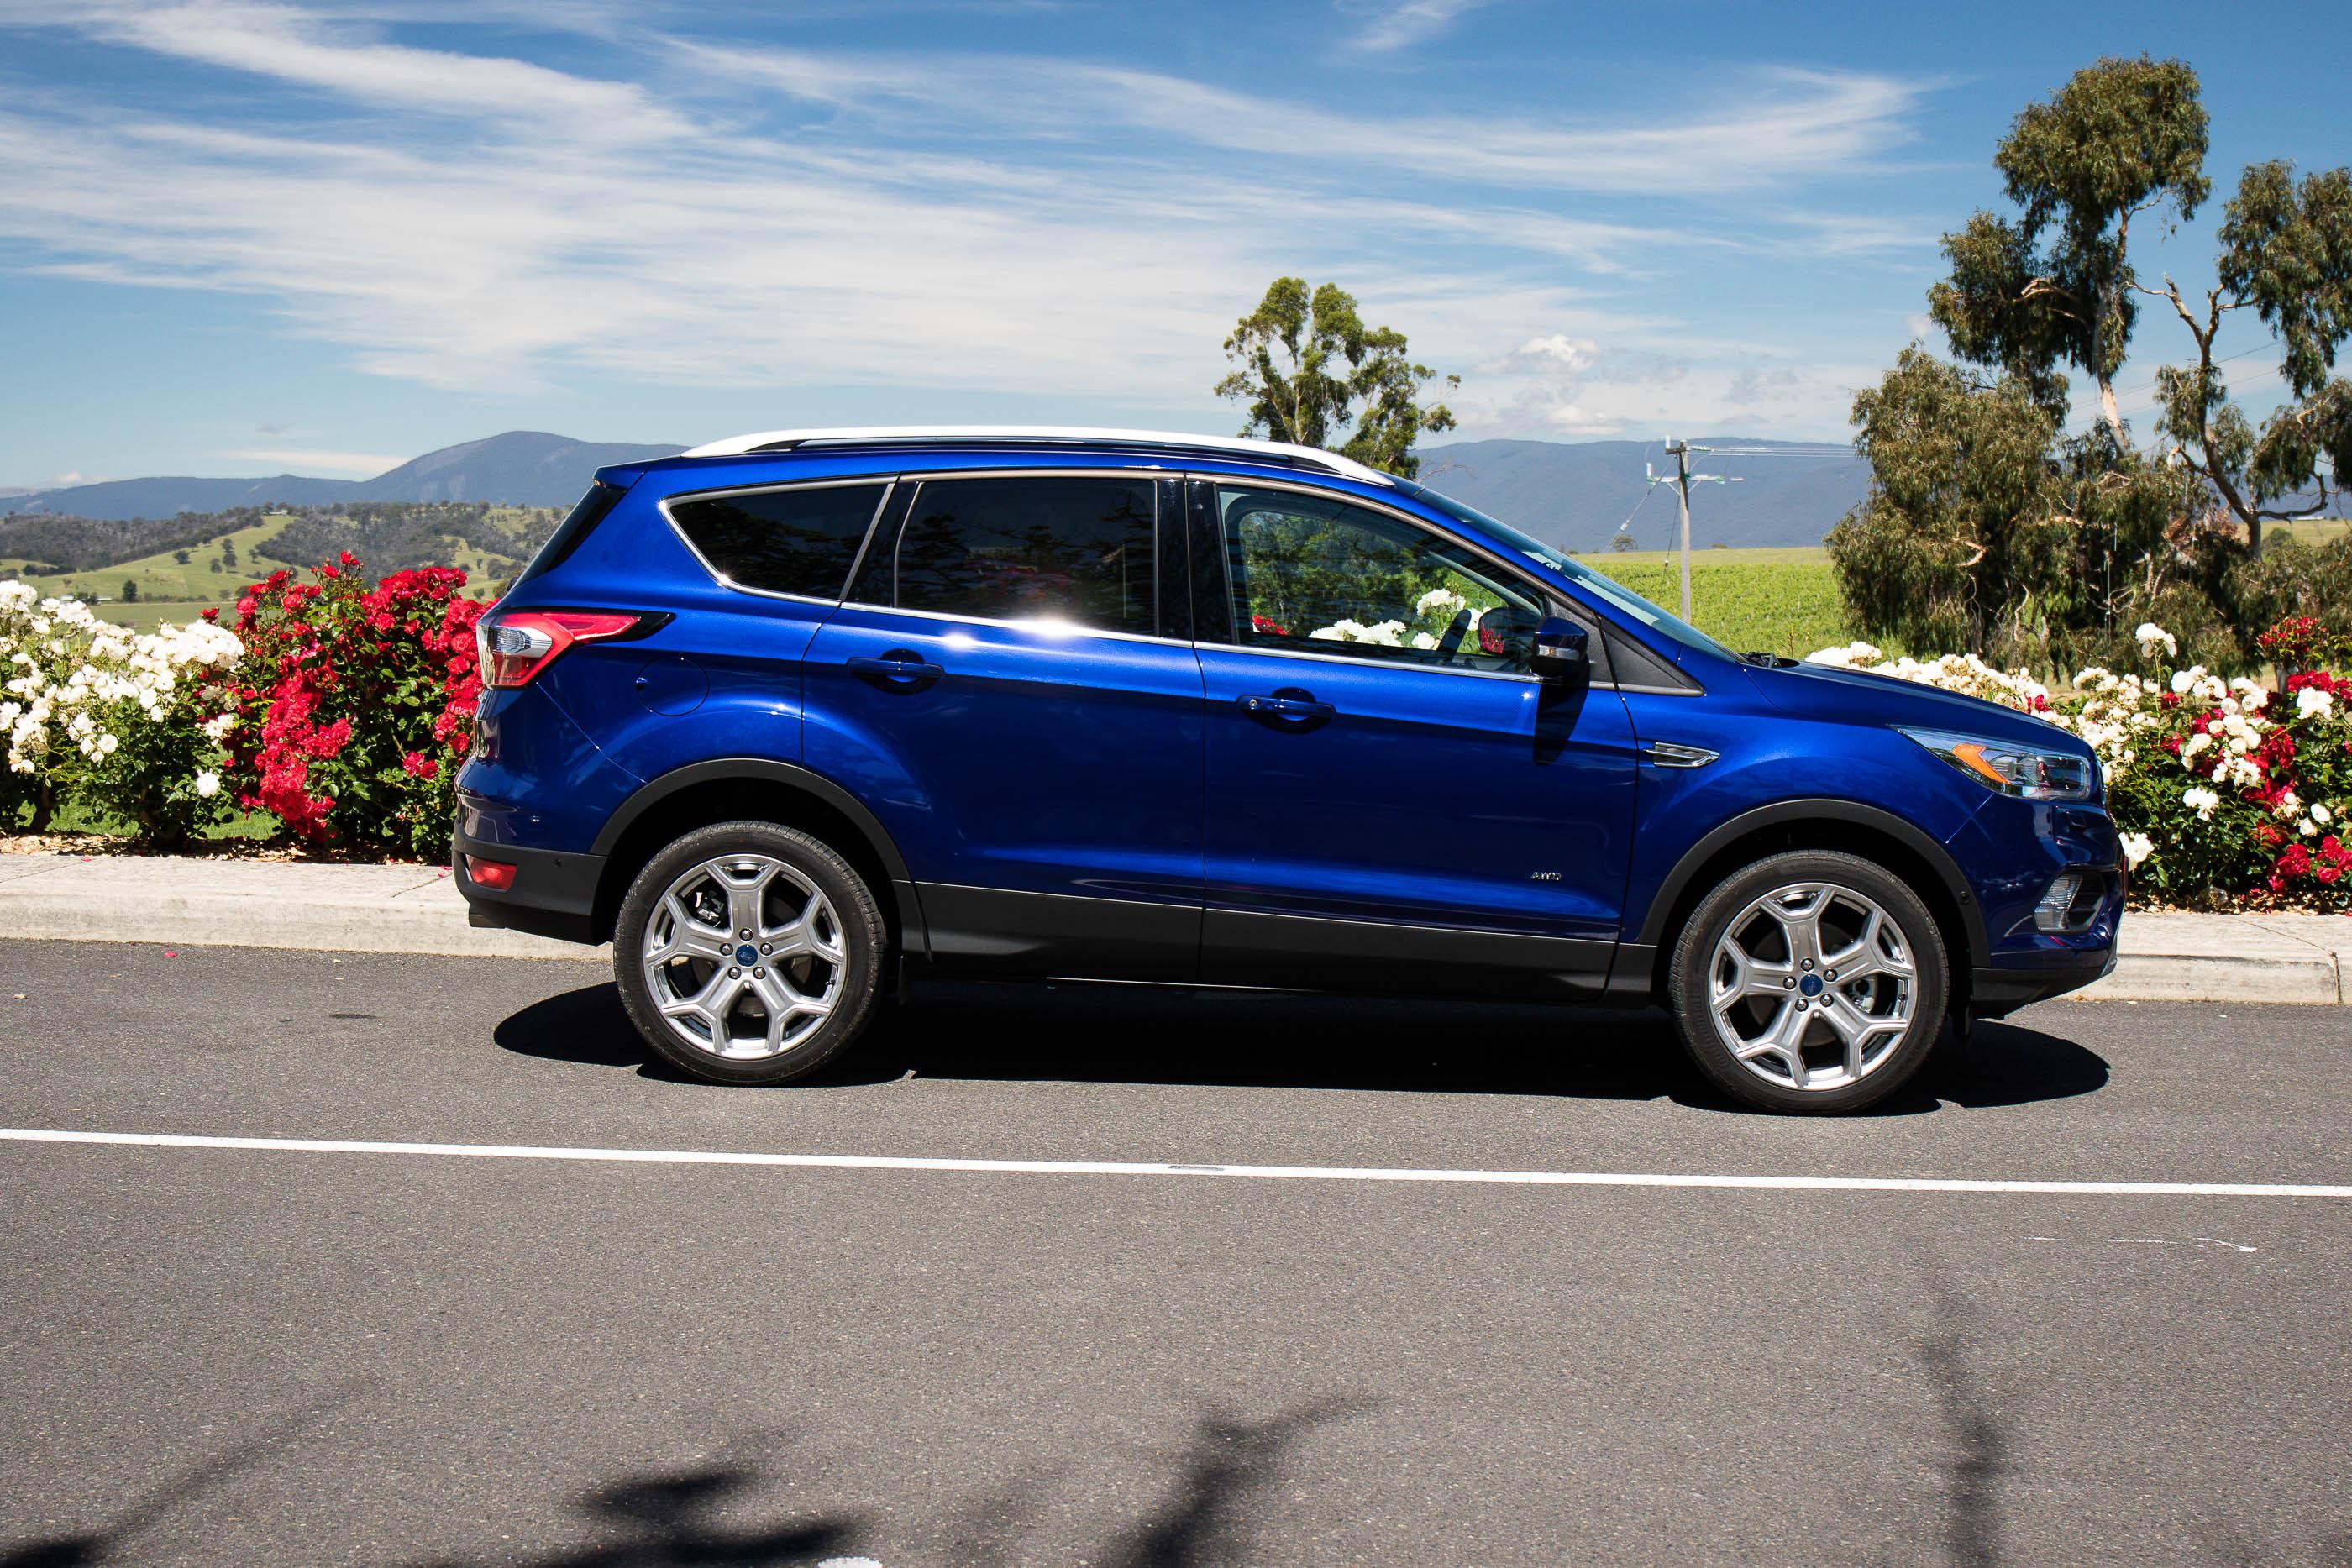 Ford Escape photo 171853